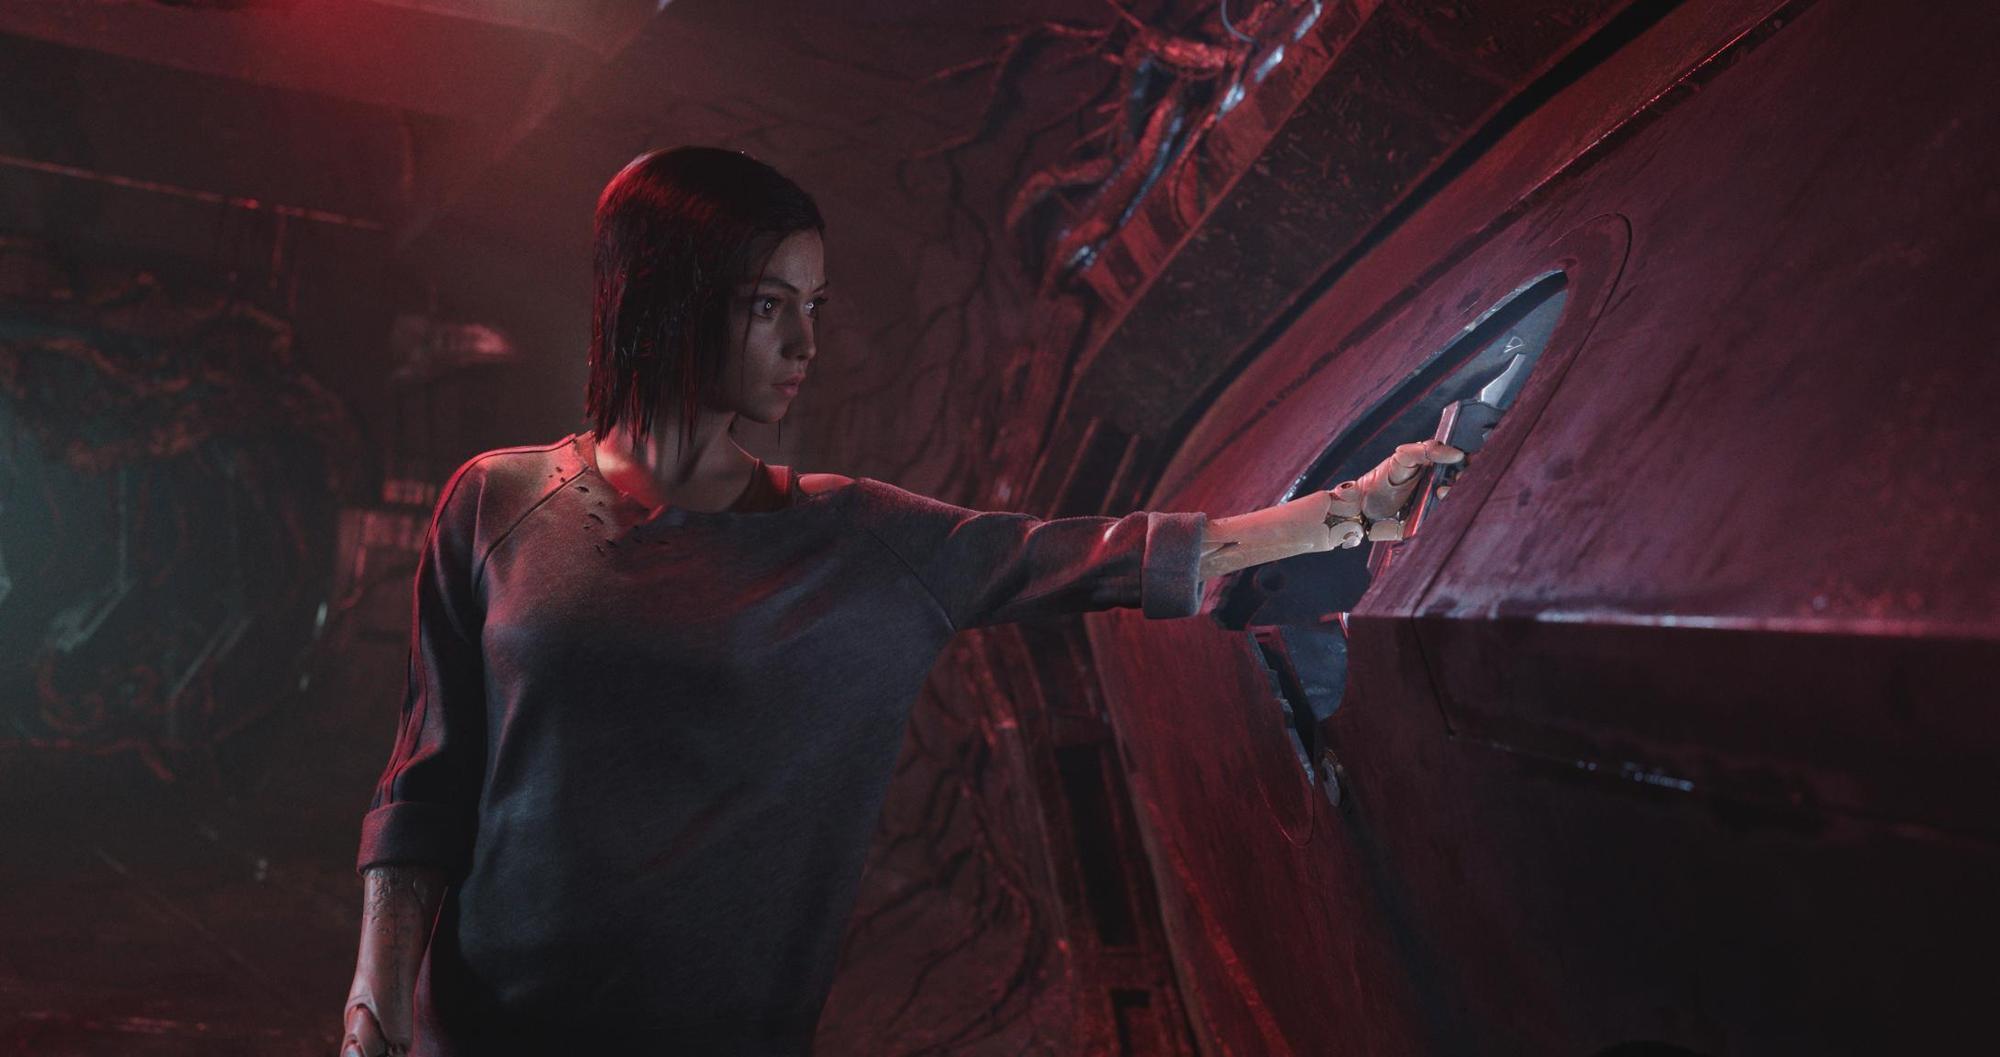 《艾莉塔:戰鬥天使》花費超過11年催生,極有科技與未來感的畫面與人物造型可望吸引一批動漫宅觀眾。(福斯提供)